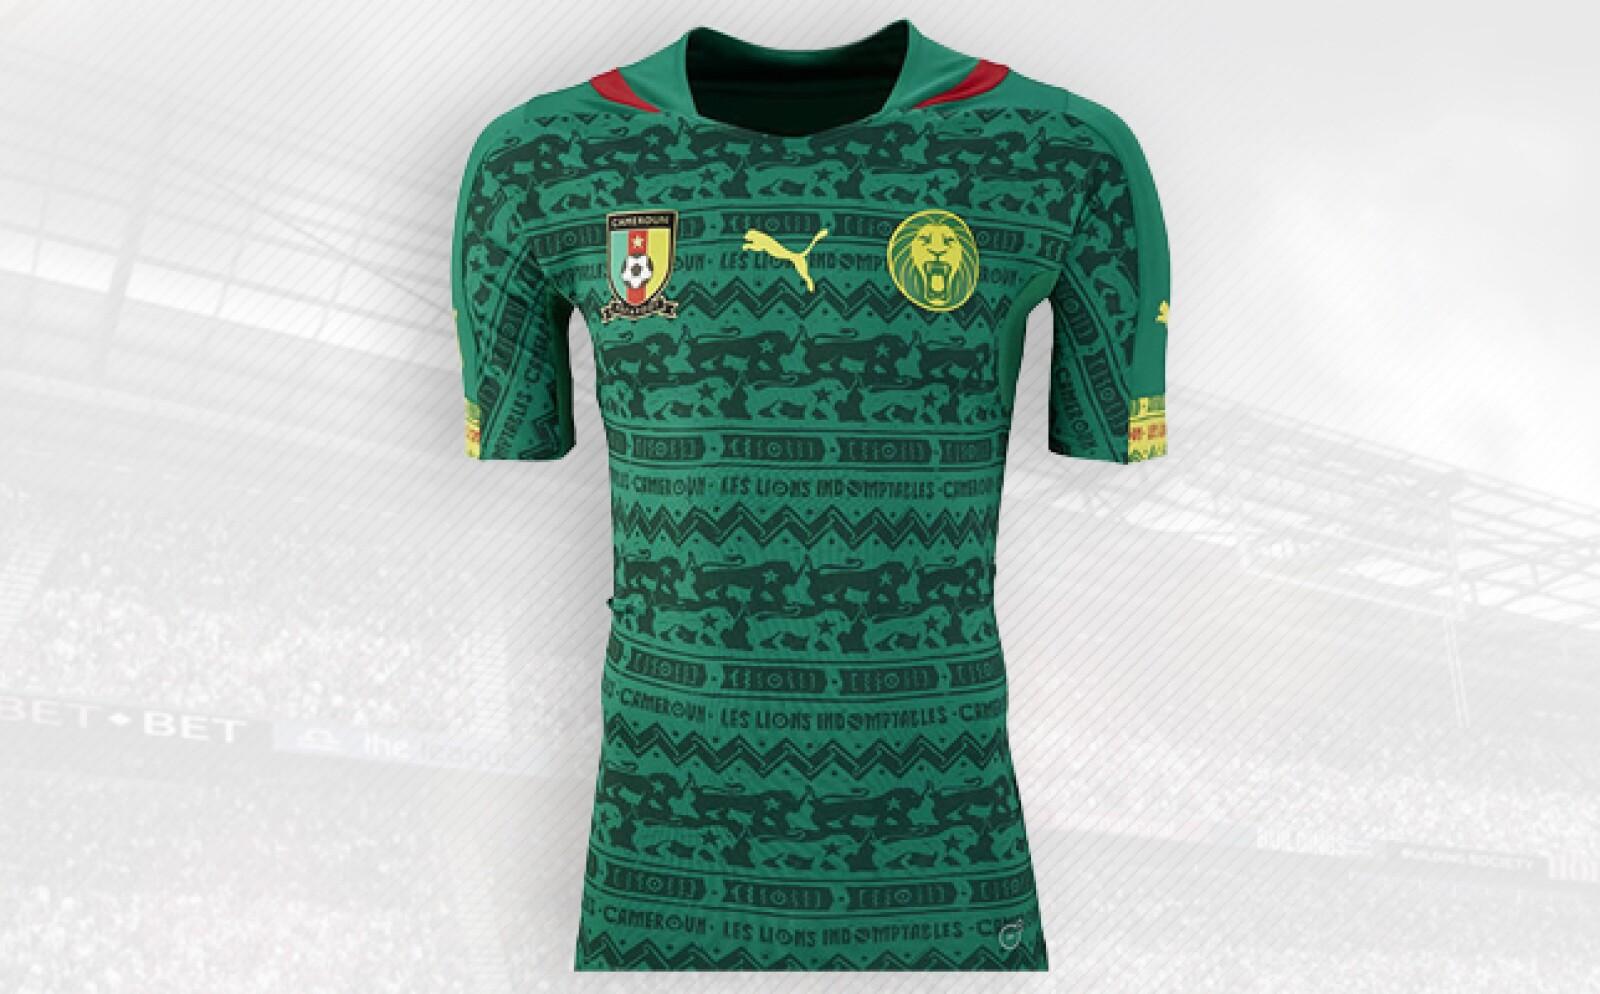 La selección africana y Puma son socios desde 1997 y han generado polémica, como en 2002 cuando presentaron una camiseta sin mangas que finalmente fue prohibida por la FIFA.